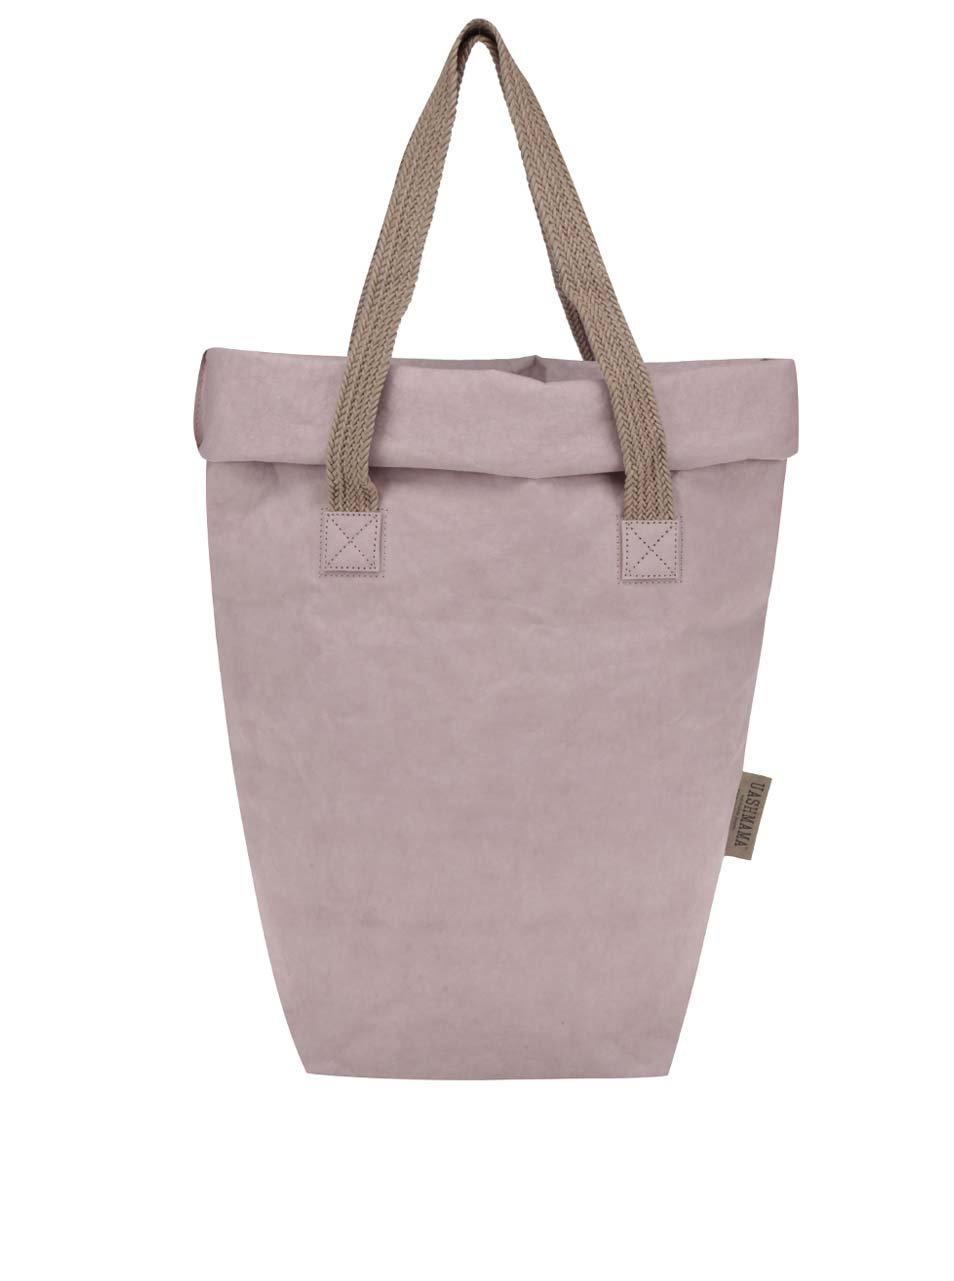 Světle růžová taška s dvěma popruhy Uashmama Carry Two